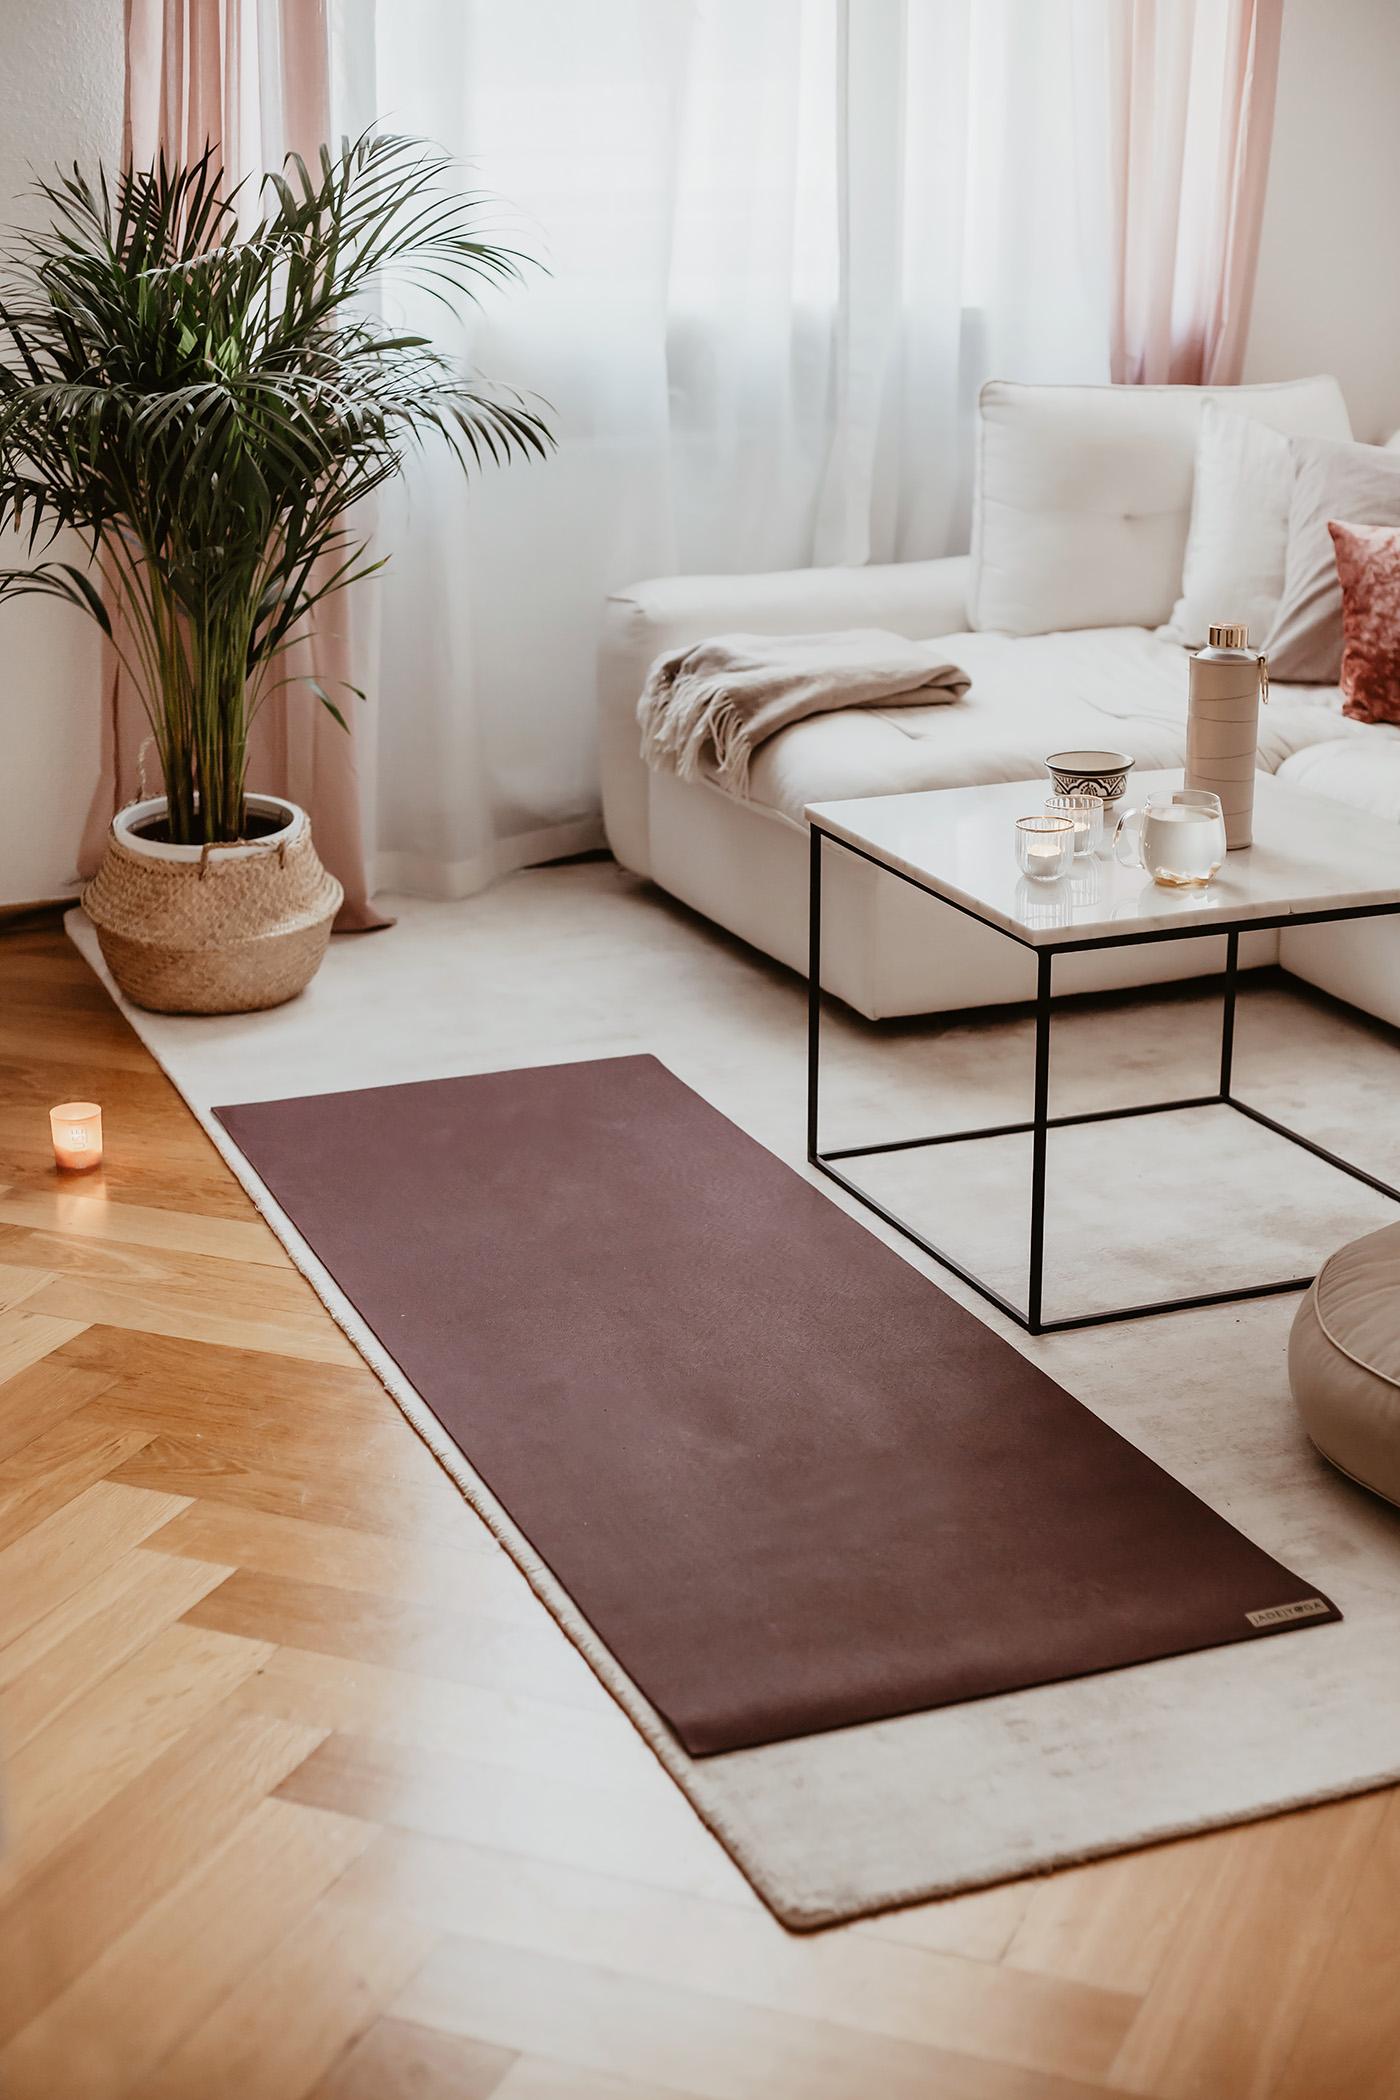 yoga matte fair nachhaltigkeit rutschfest